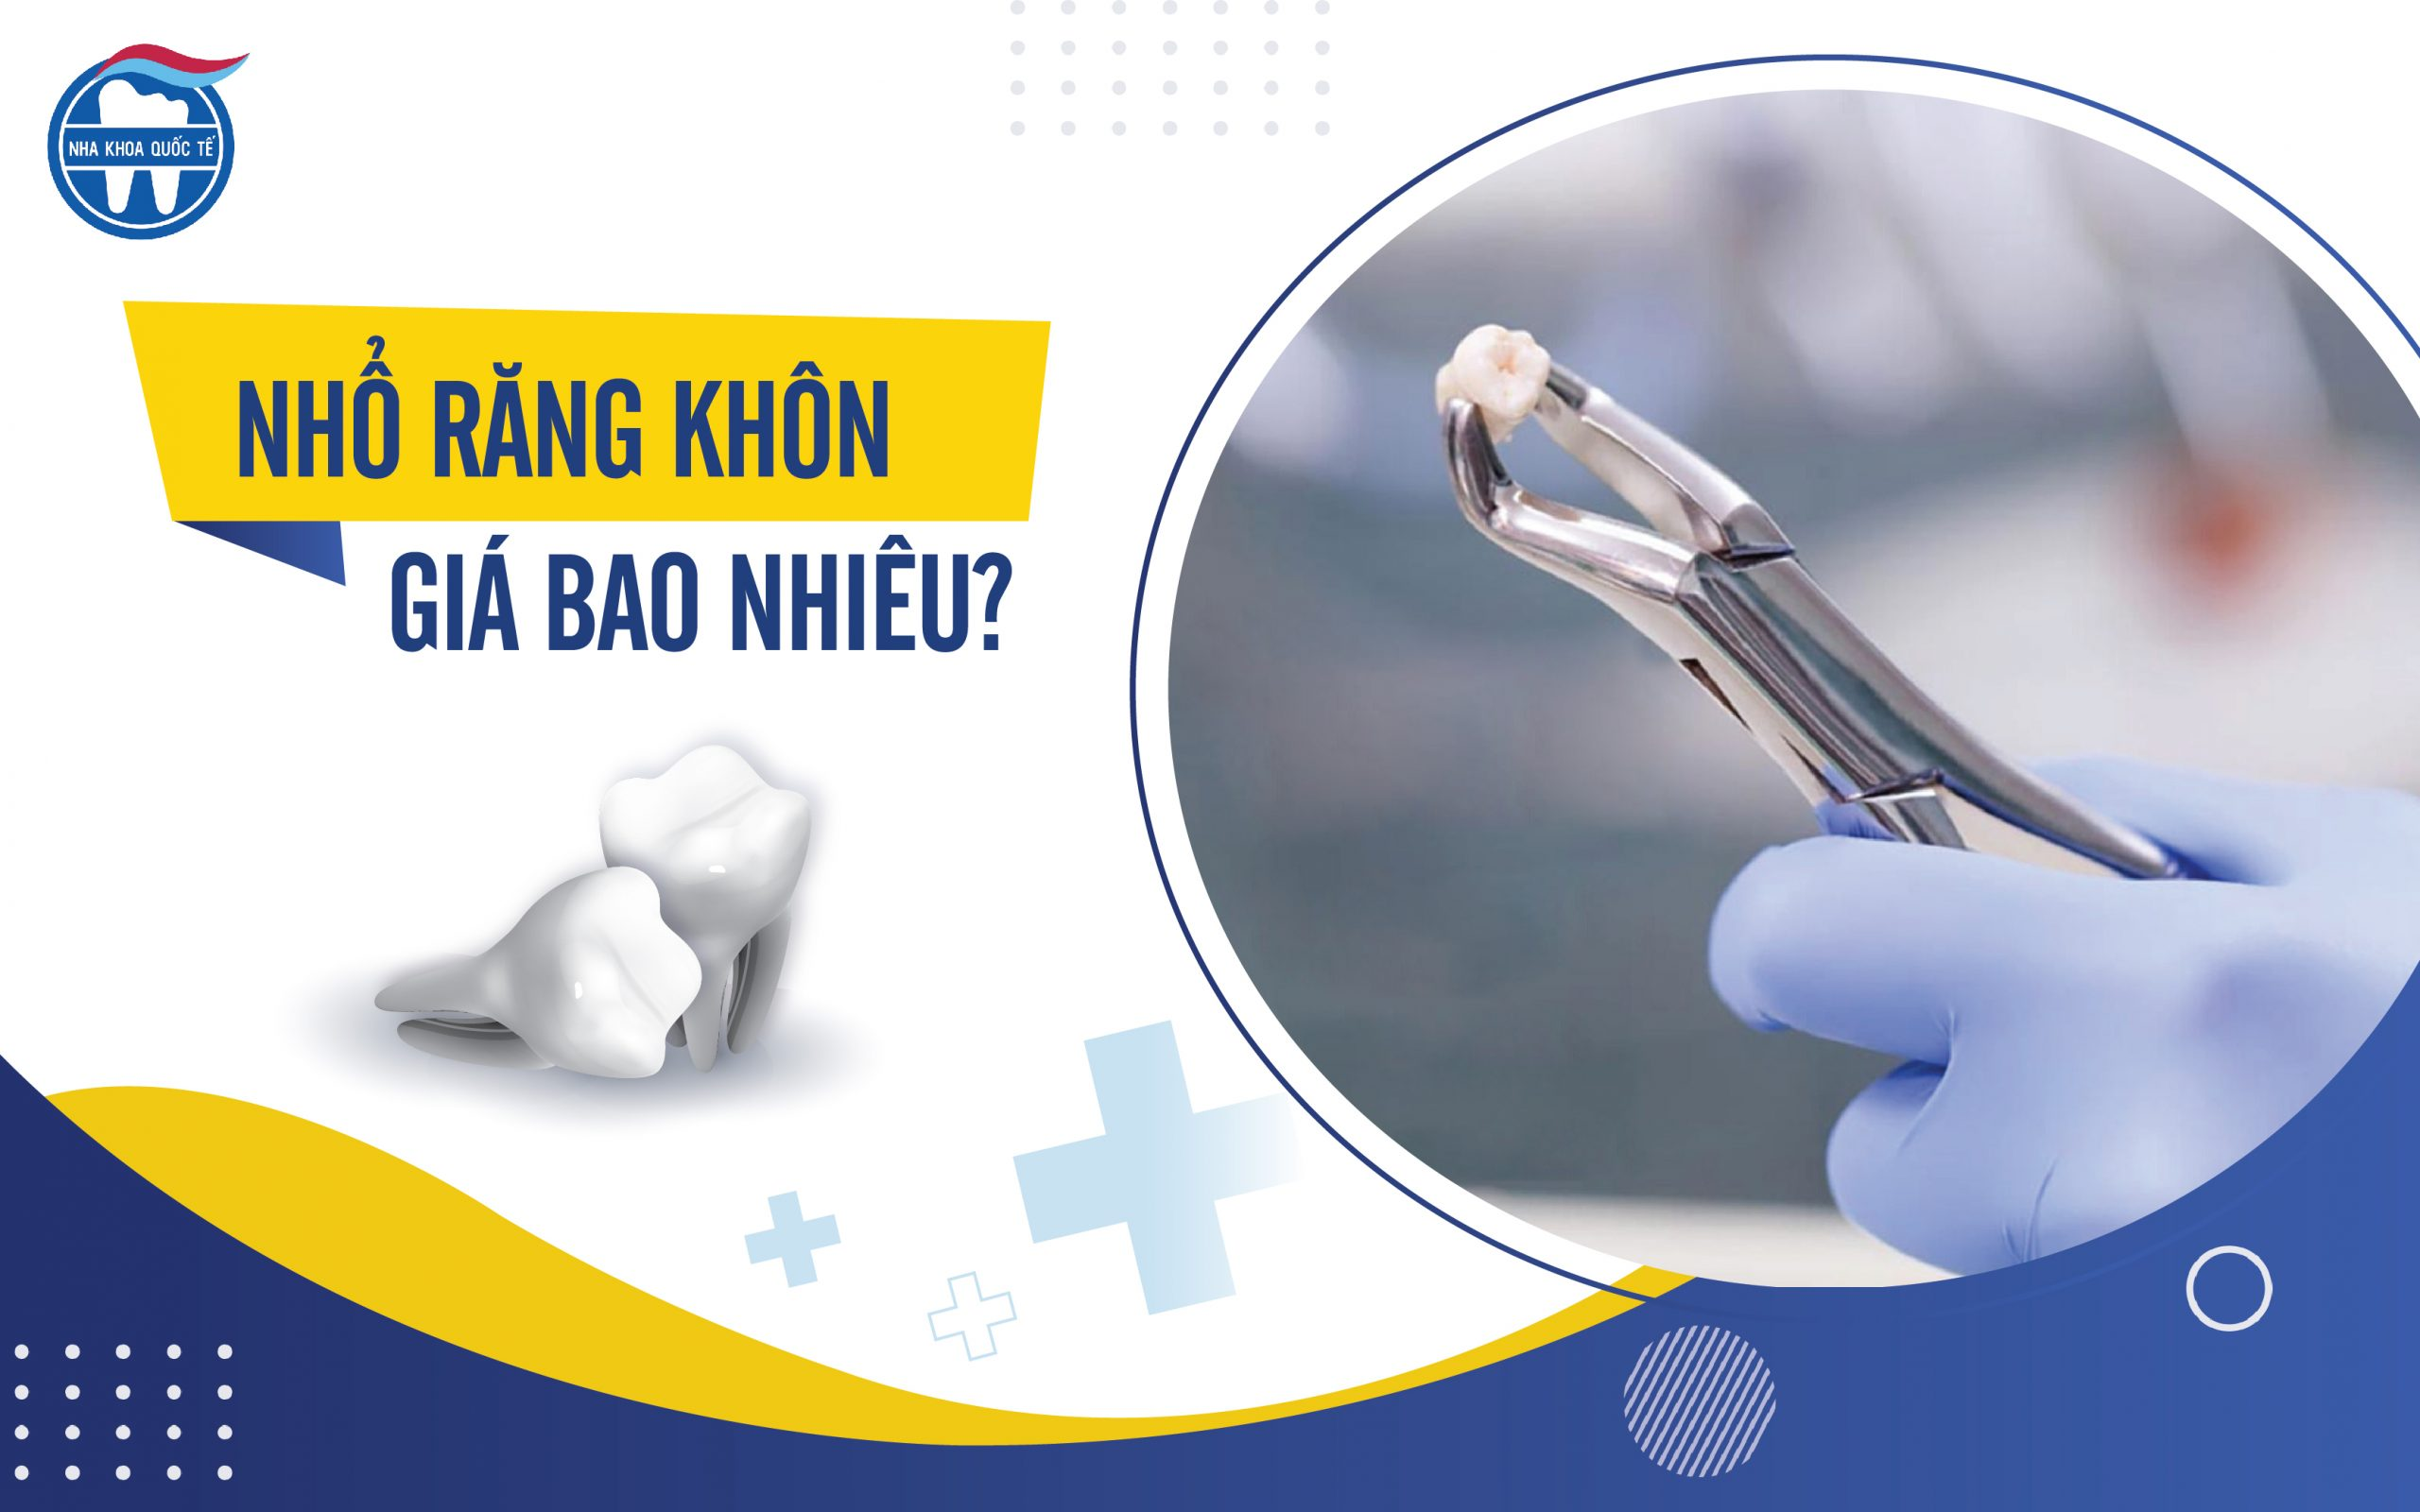 Nhổ răng khôn giá bao nhiêu?